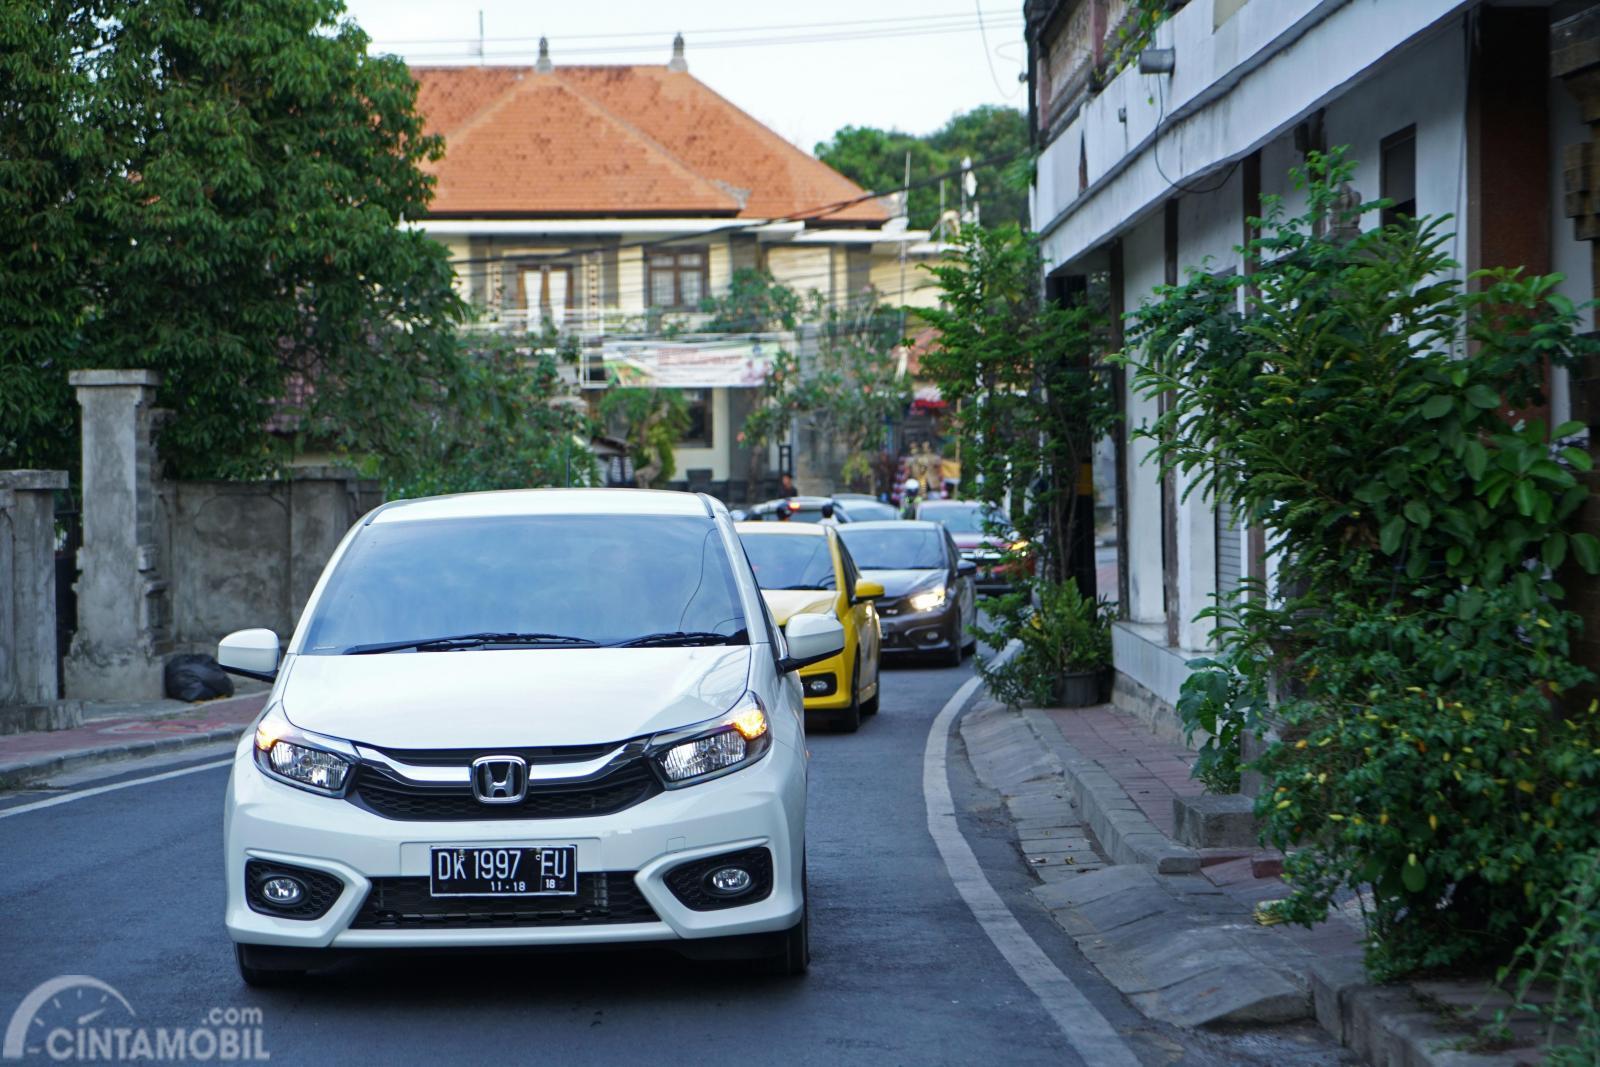 Tampak sebuah All New Honda Brio Satya sedang melintasi jalan desa